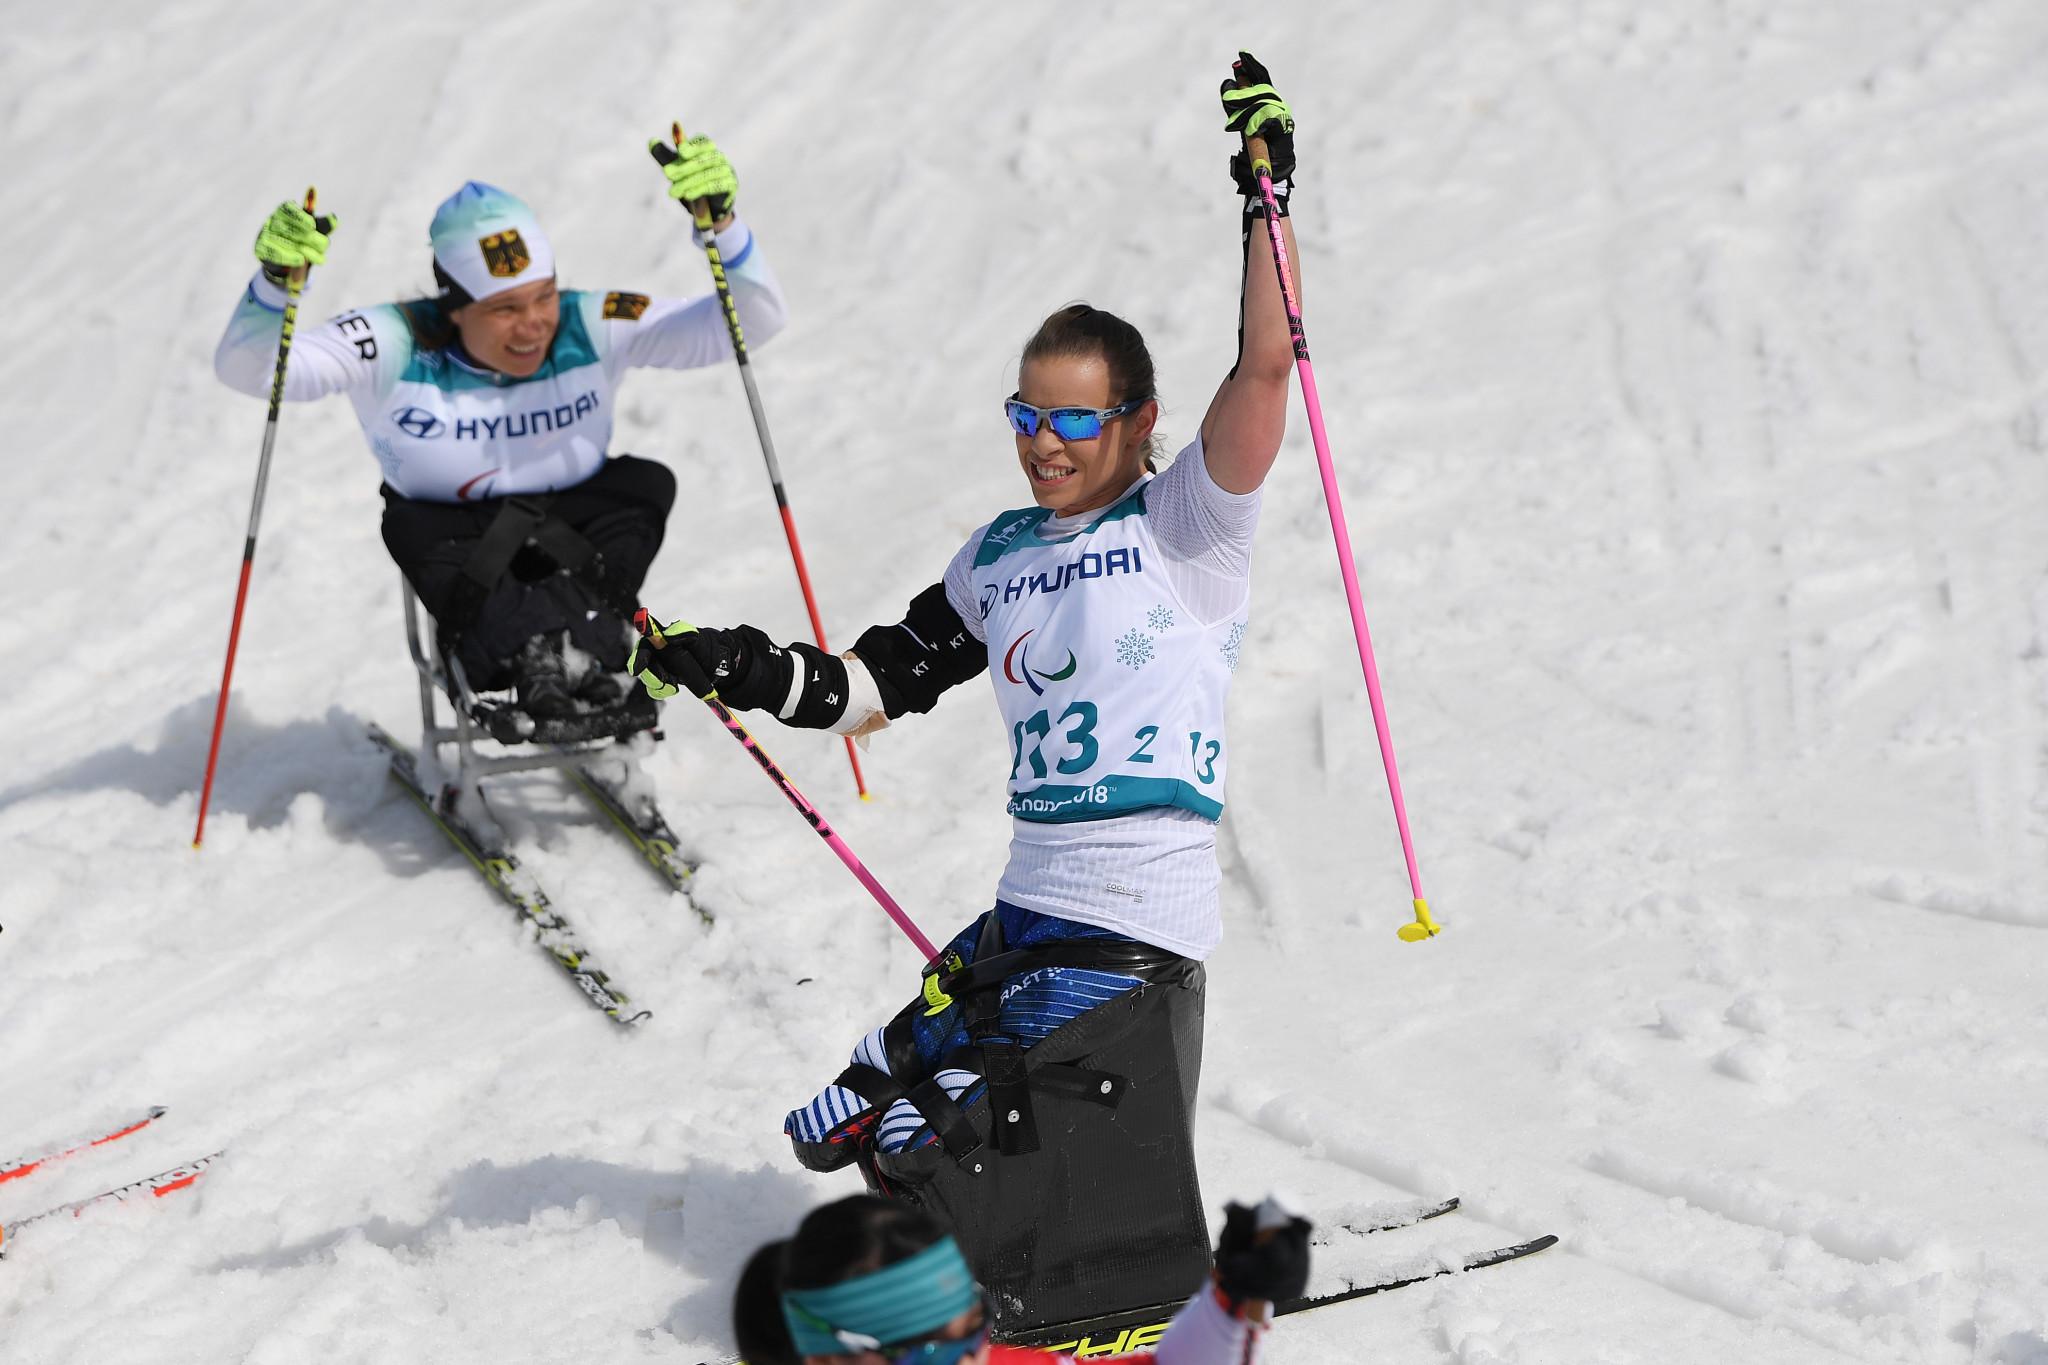 Masters, Holub and Daviet all win again at World Para Nordic Skiing Championships